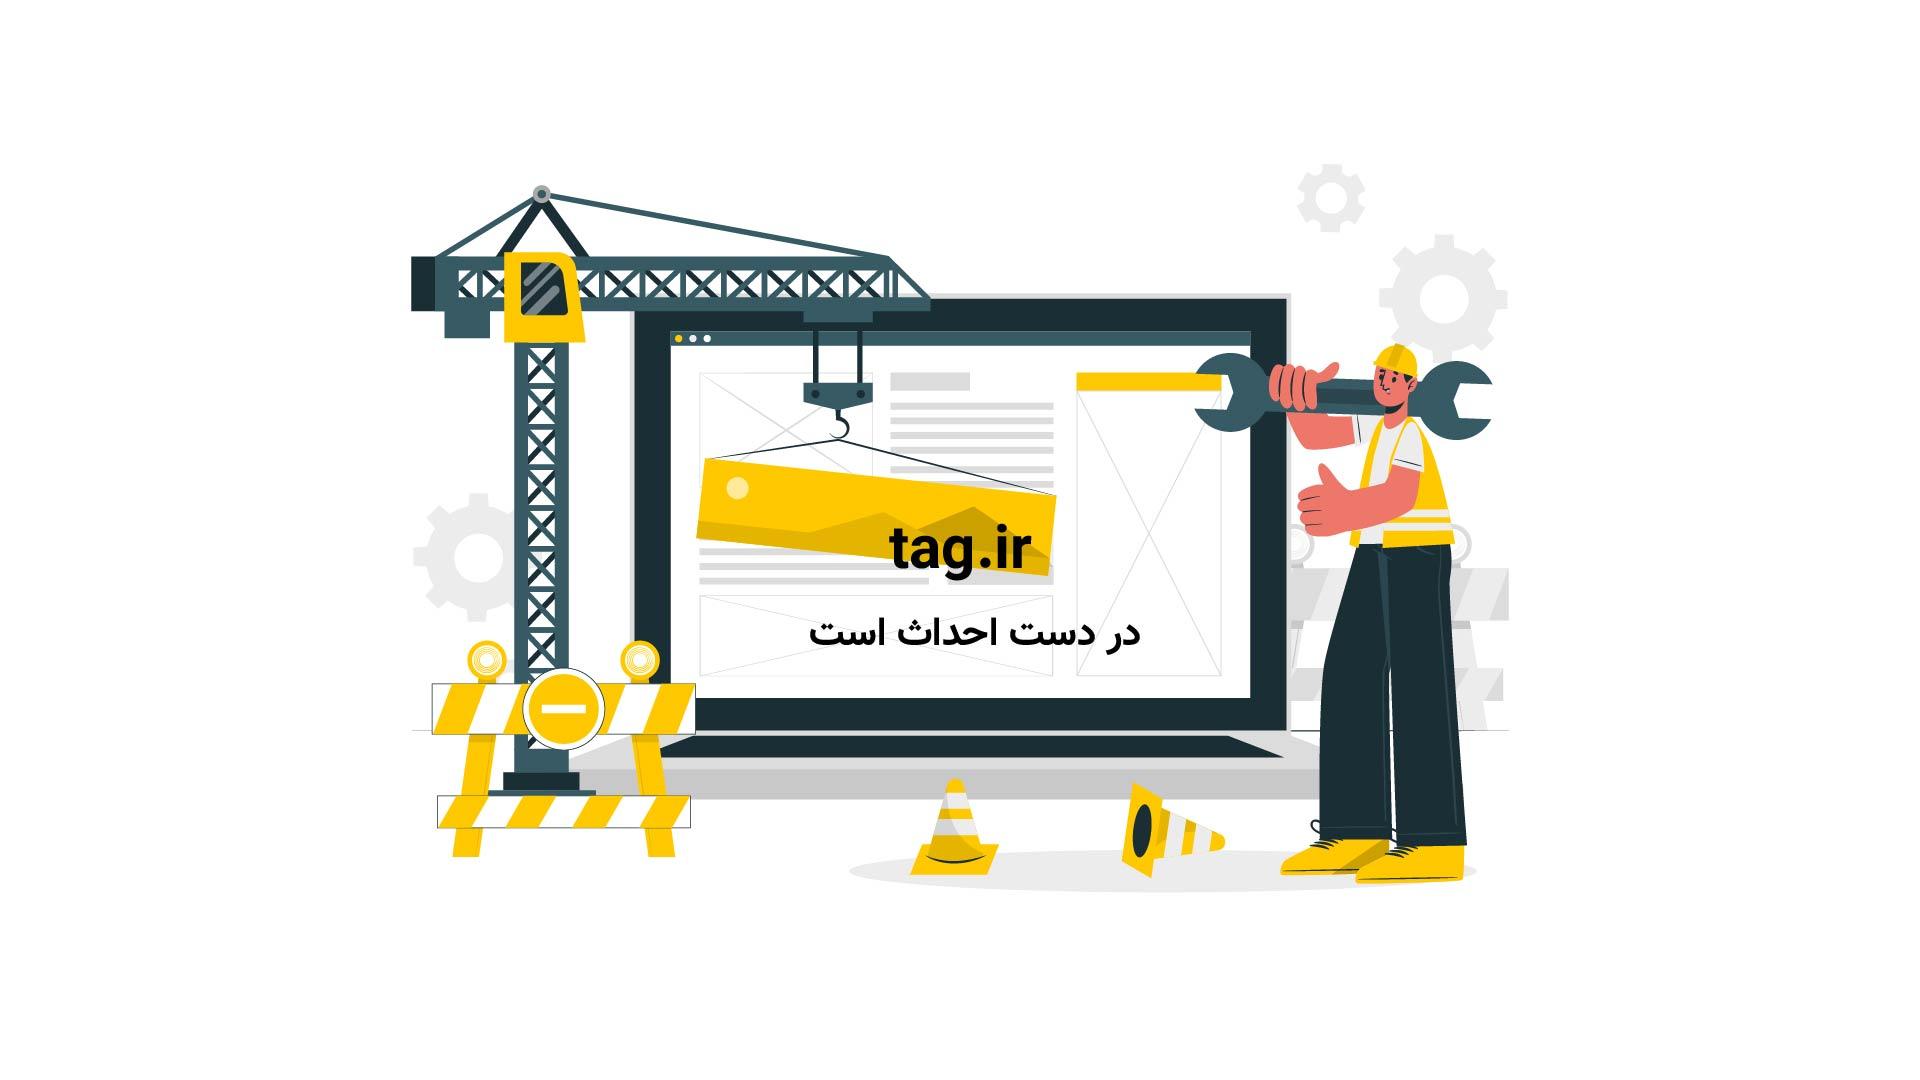 سخنرانیهای تد؛ تجربه سفر فضایی | فیلم